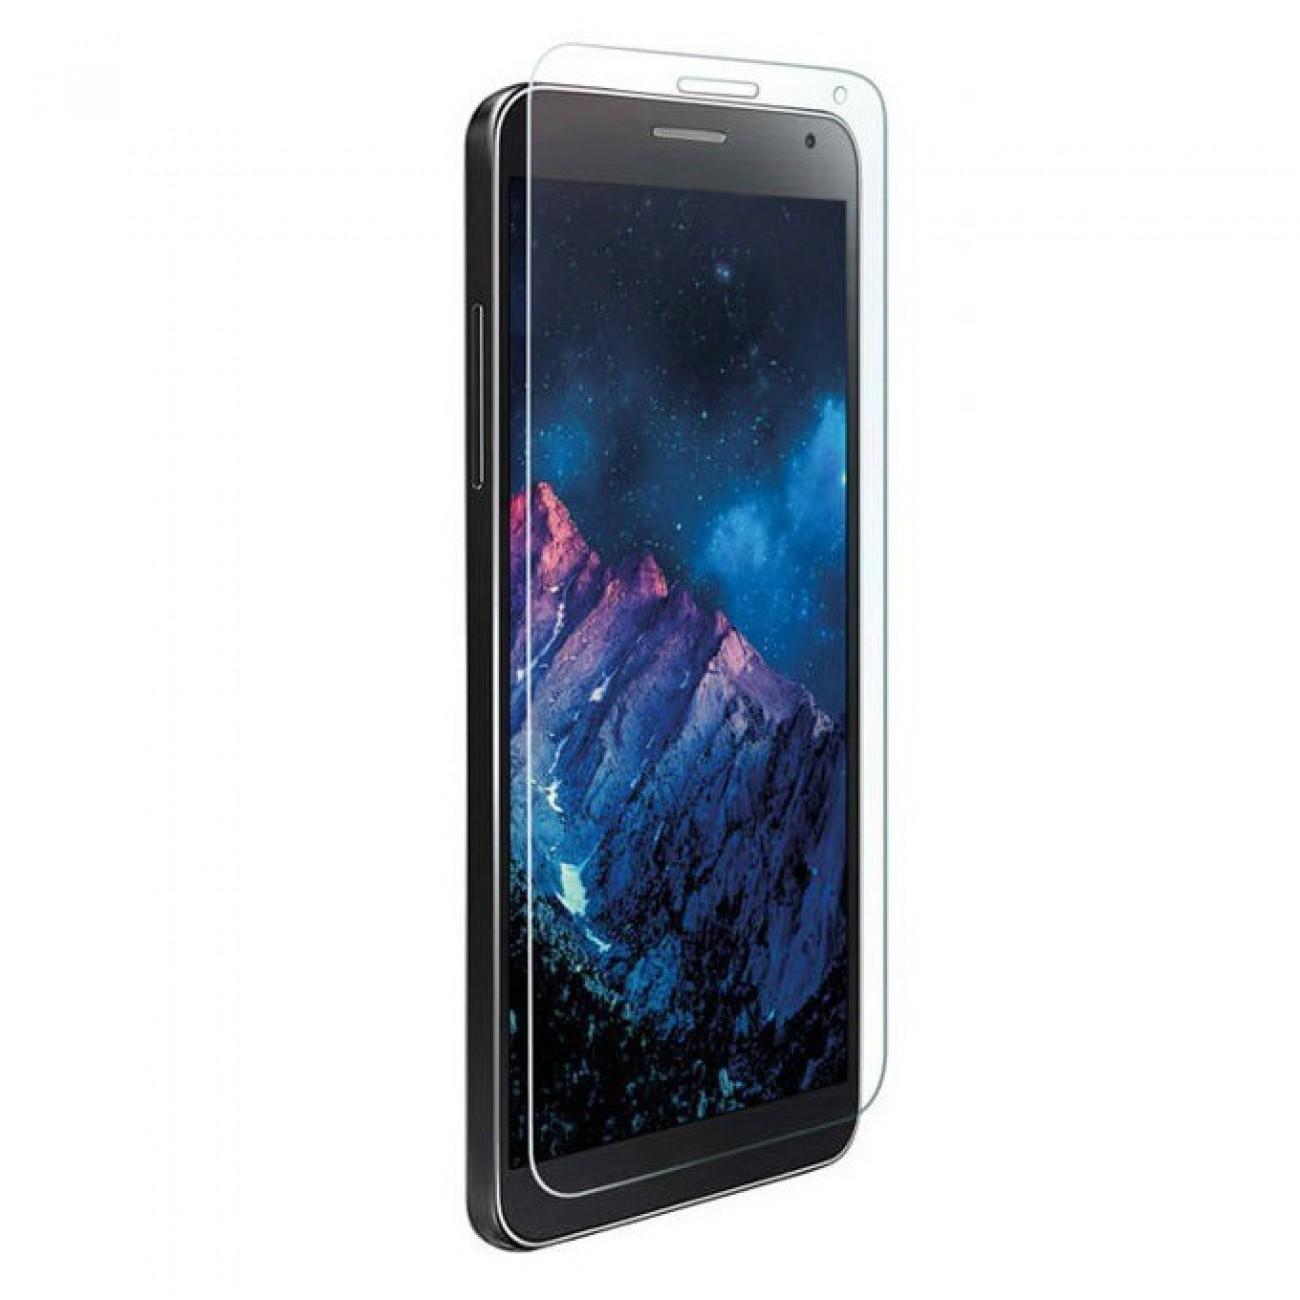 Протектор от закалено стъкло /Tempered Glass/, 4Smarts за LG K8 в Защитно фолио -  | Alleop